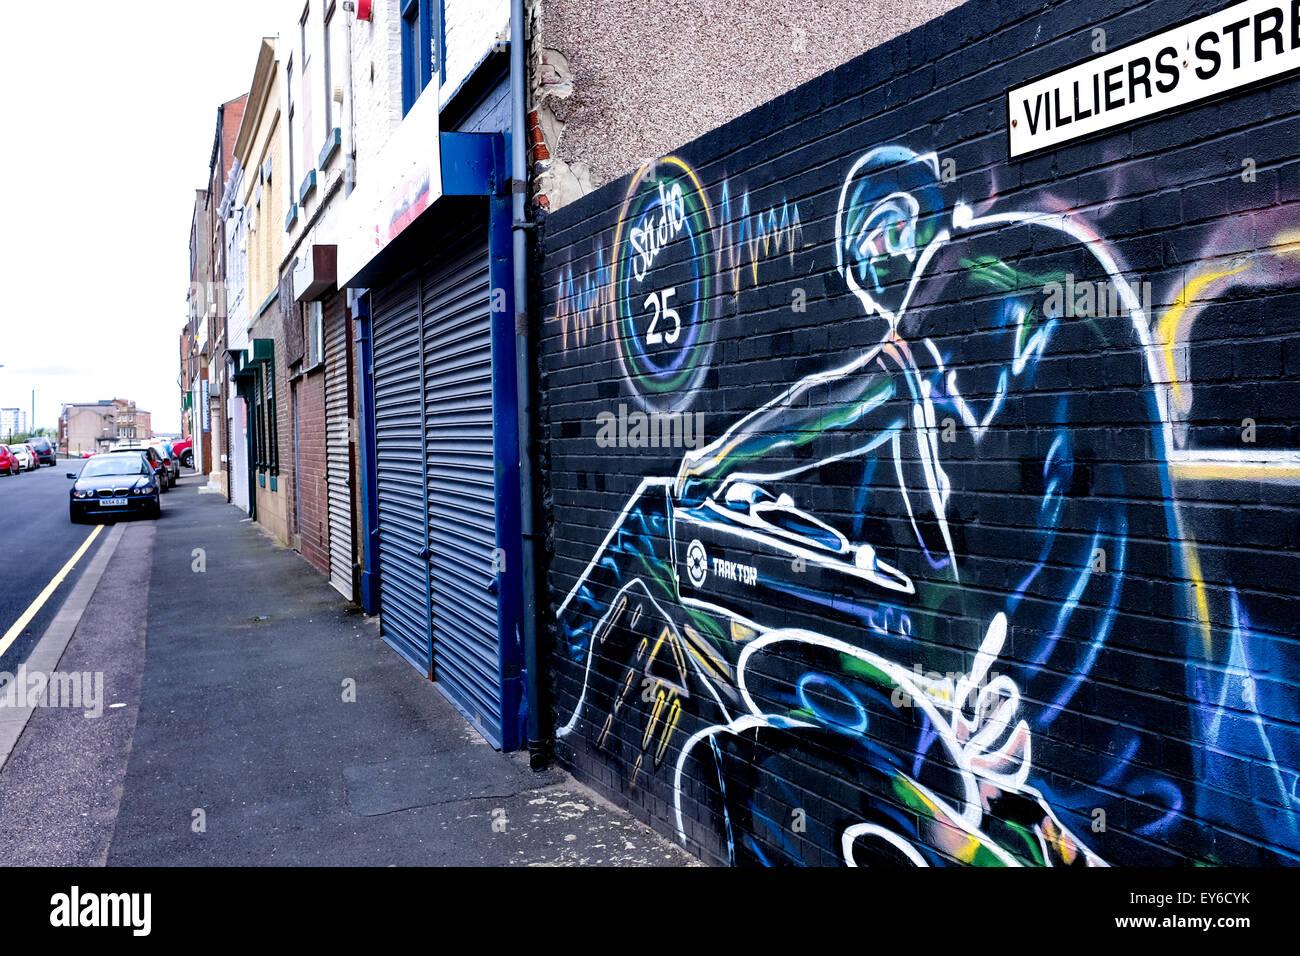 Graffiti wall art uk - Graffiti Art On A Wall In Sunderland Uk Depicts A Dj Playing Records